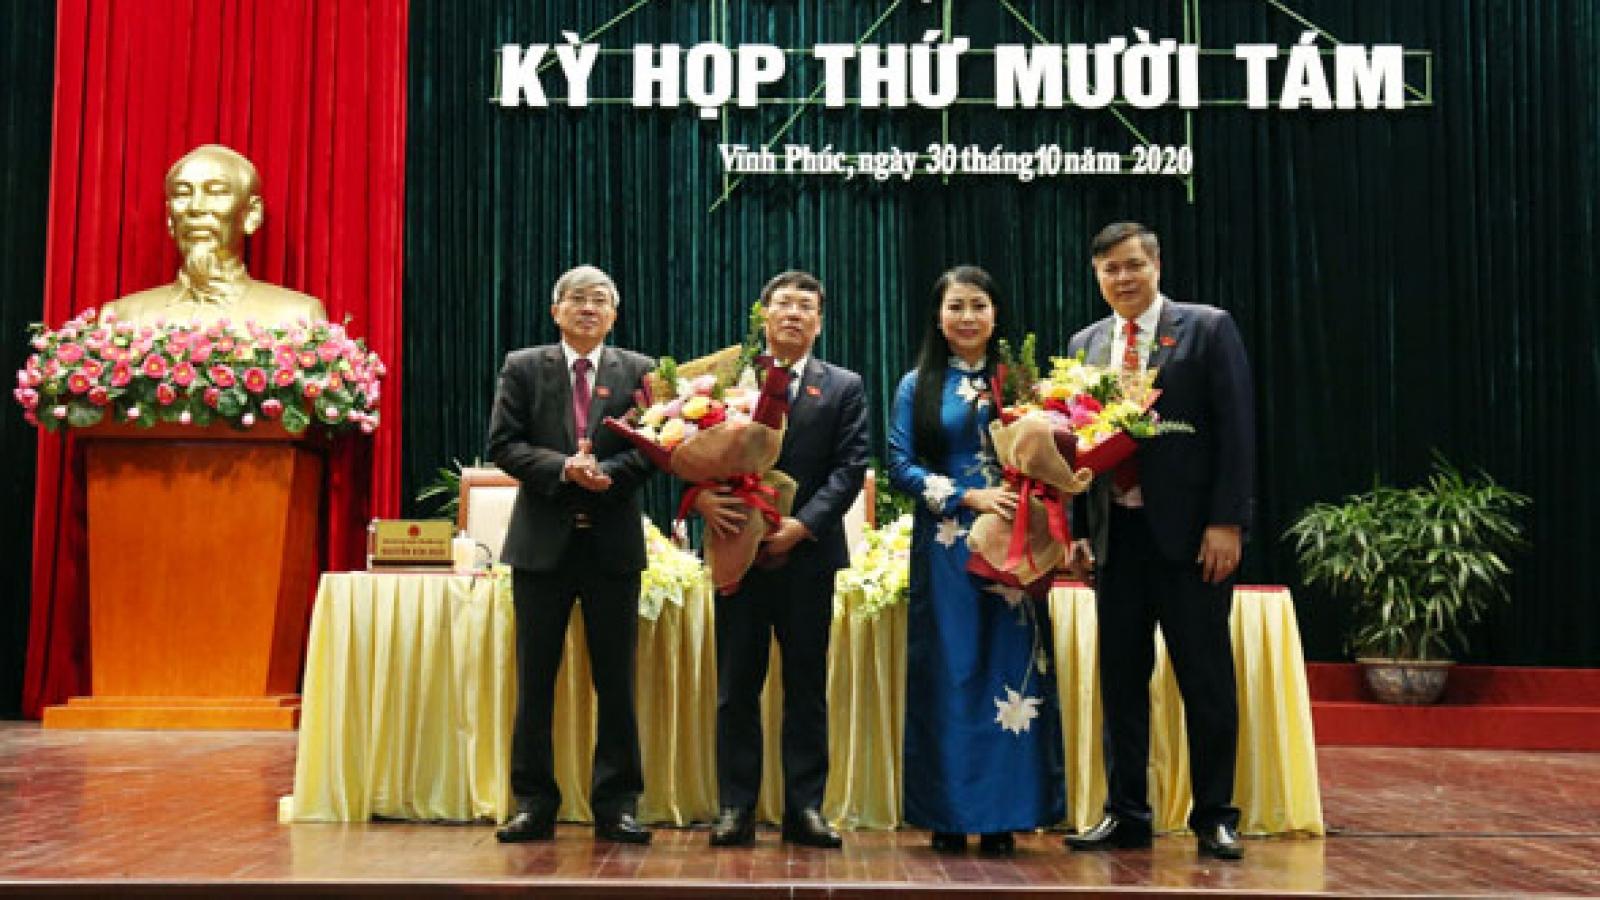 Ông Lê Duy Thành được bầu làm Chủ tịch tỉnh Vĩnh Phúc